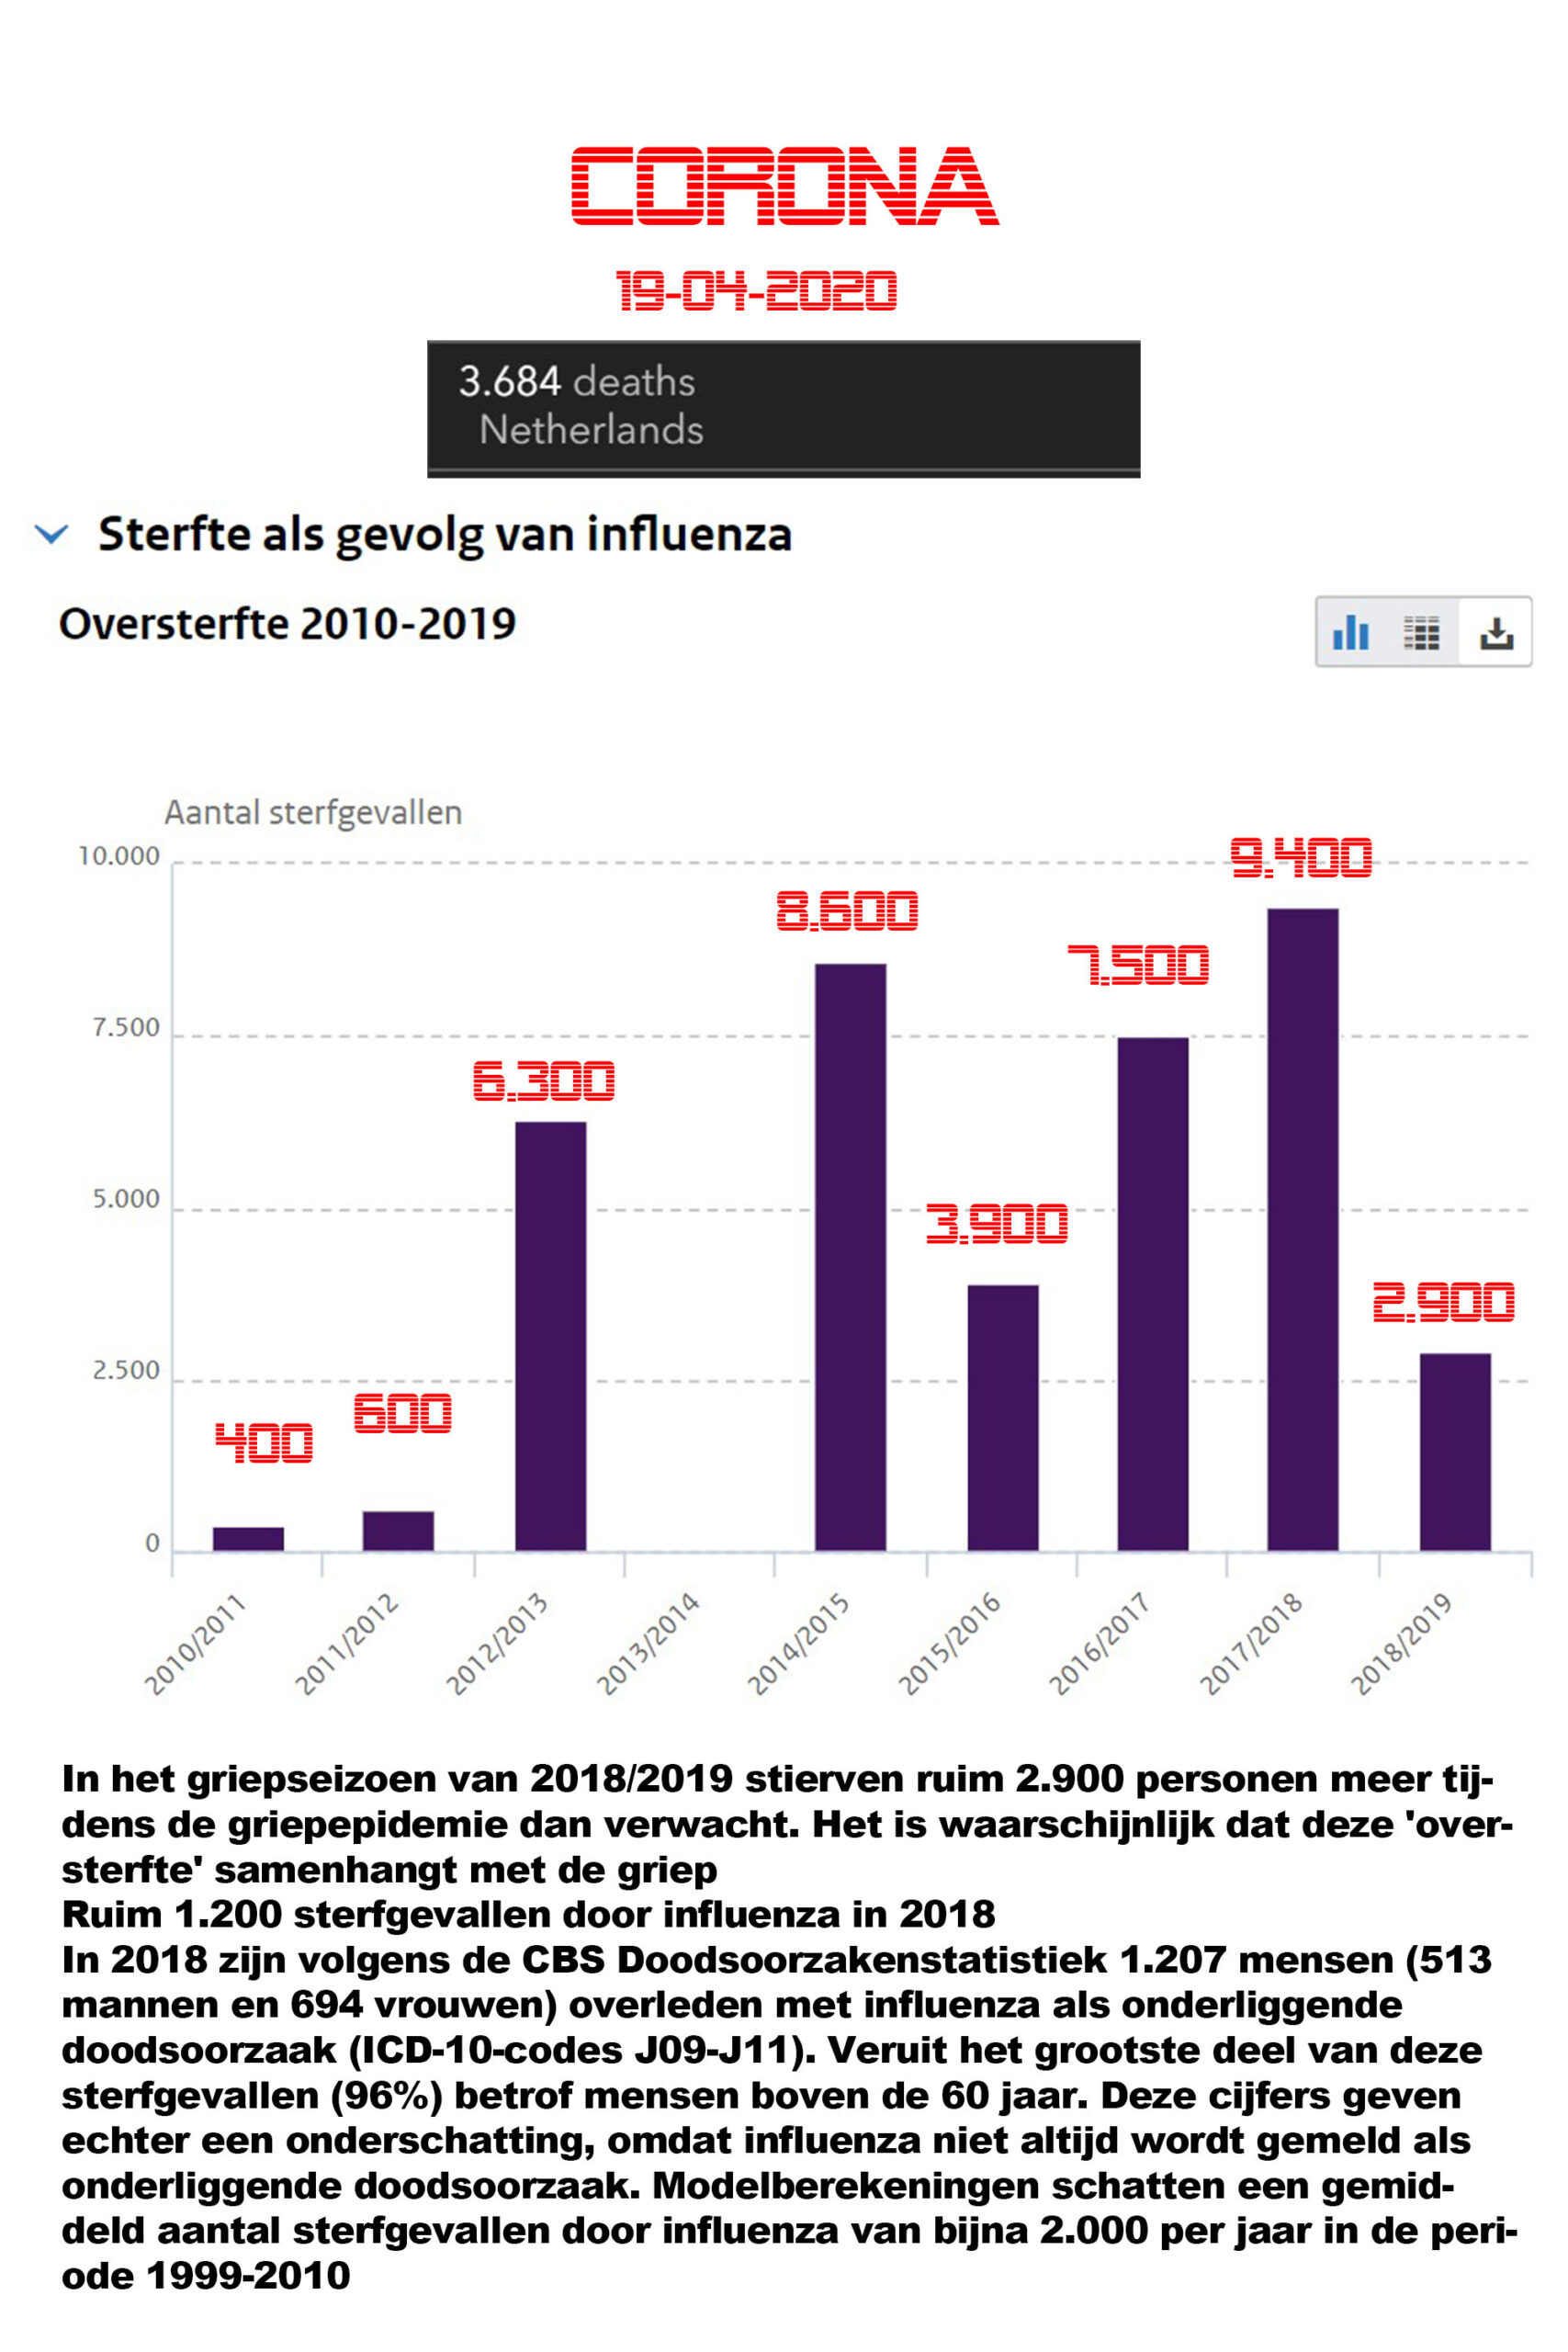 Corona doden en cijfers voorgaande jaren en wat er niet klopt